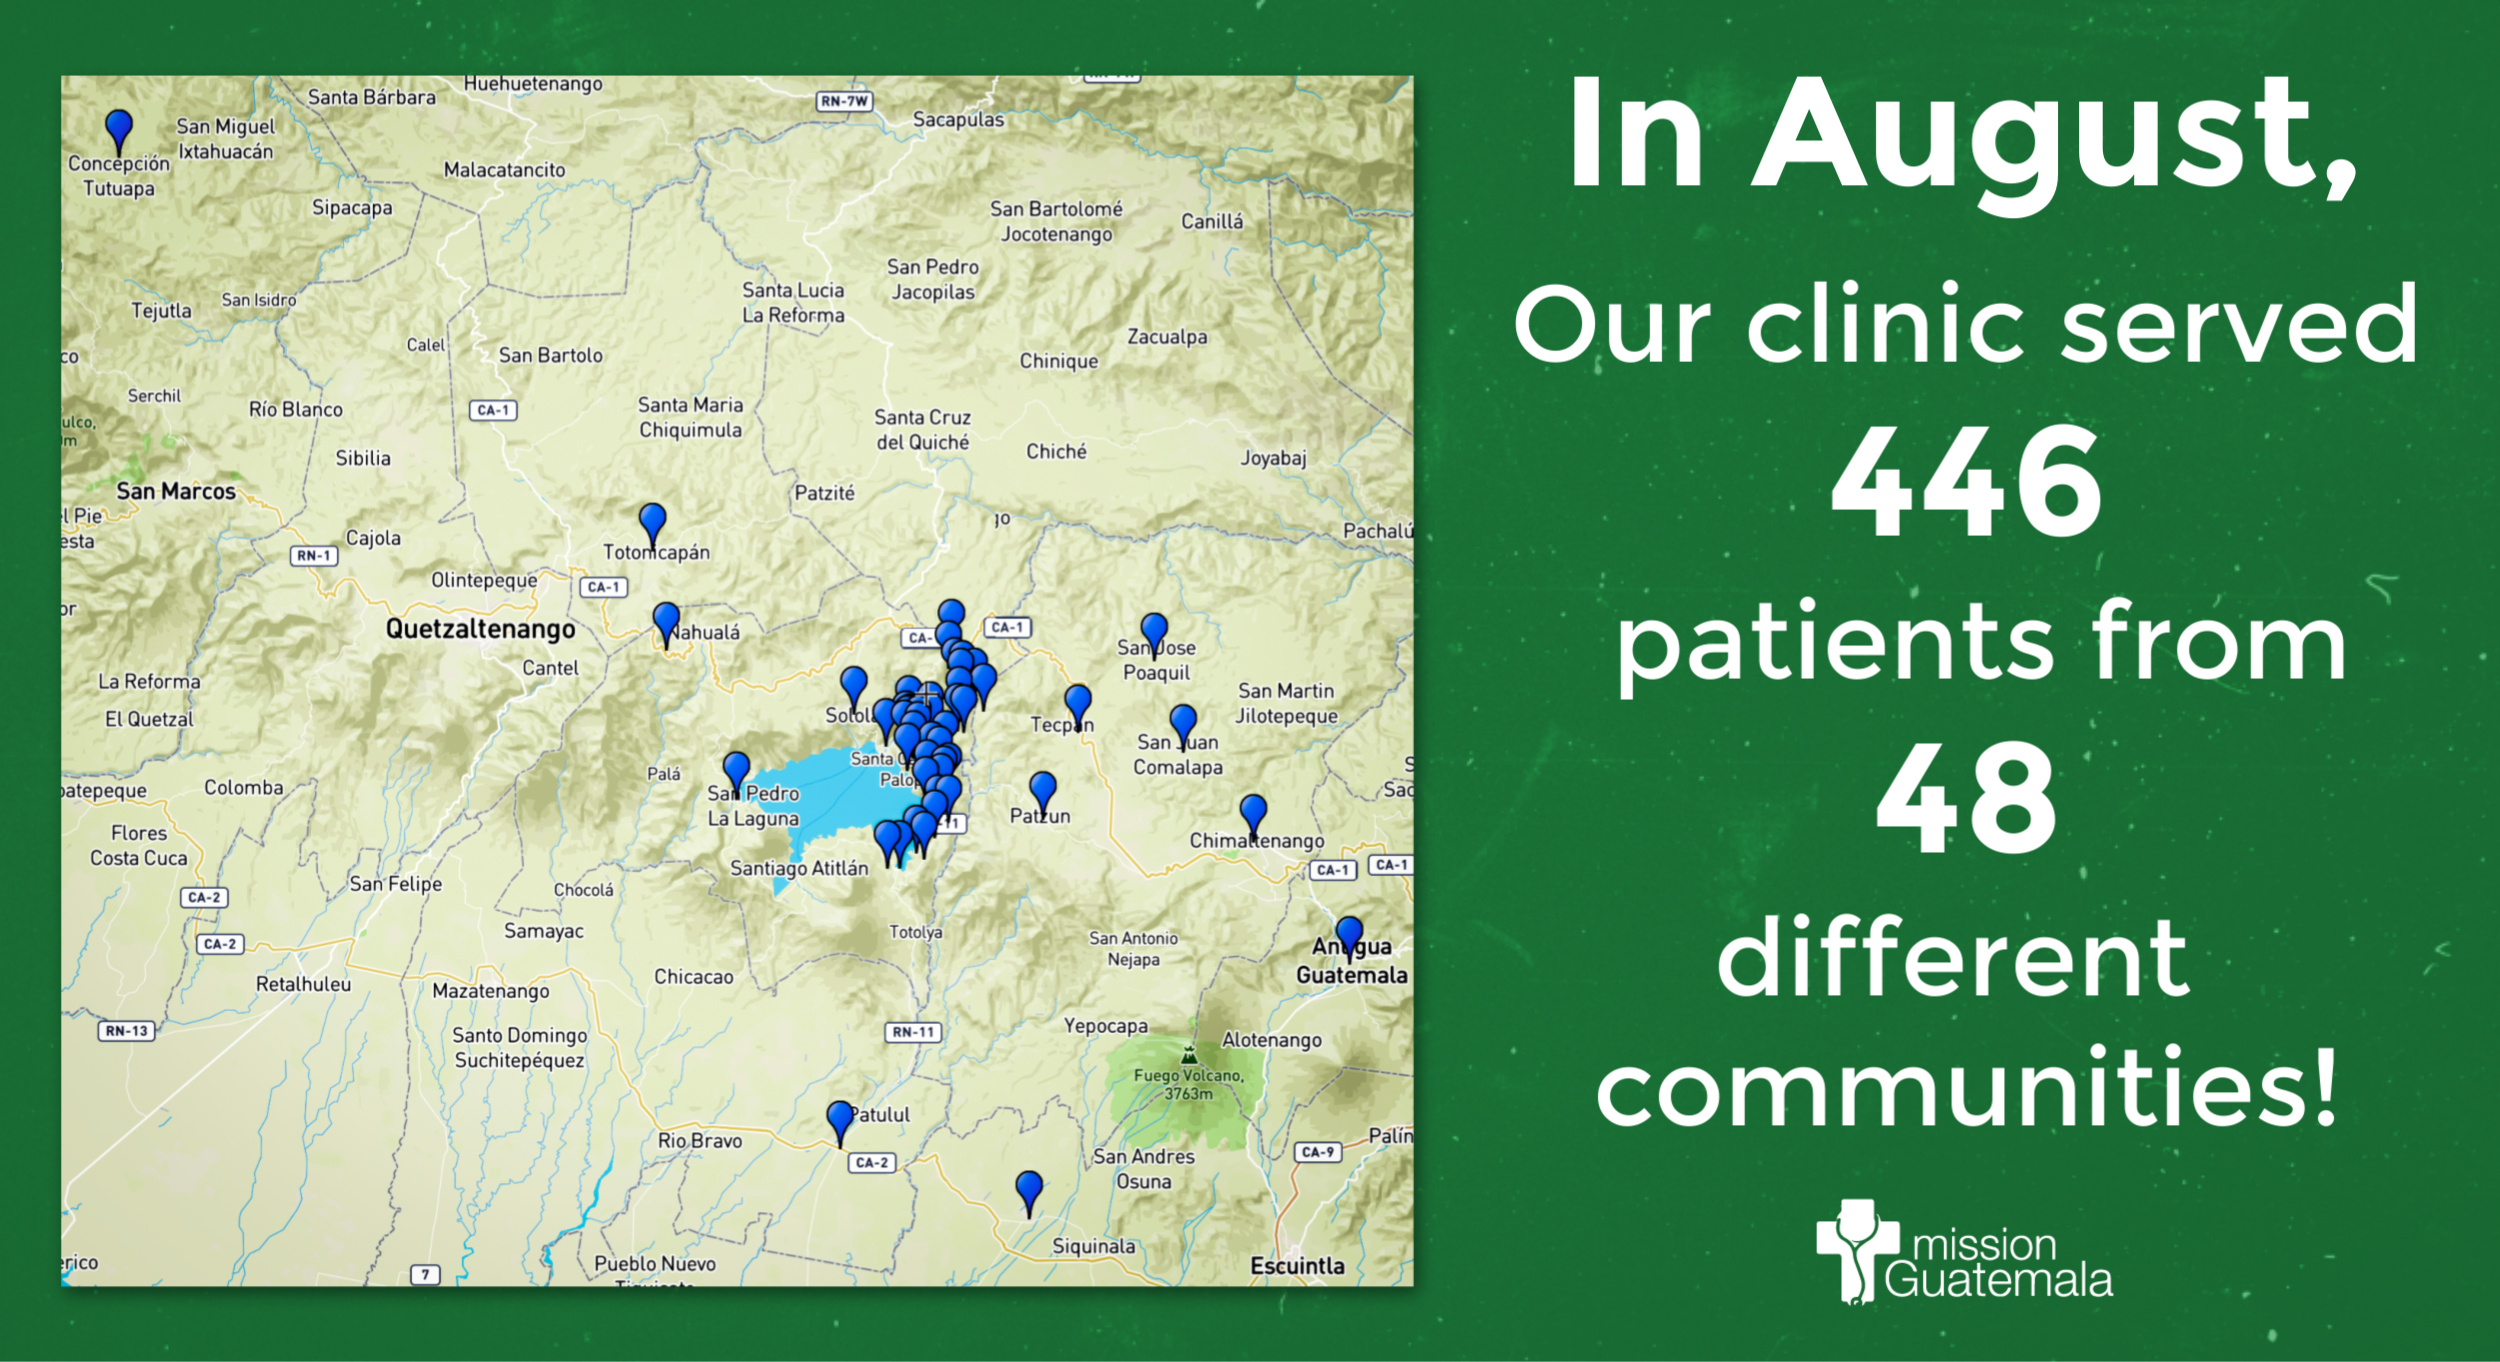 Clinic Has Far-Reaching Impact in August!